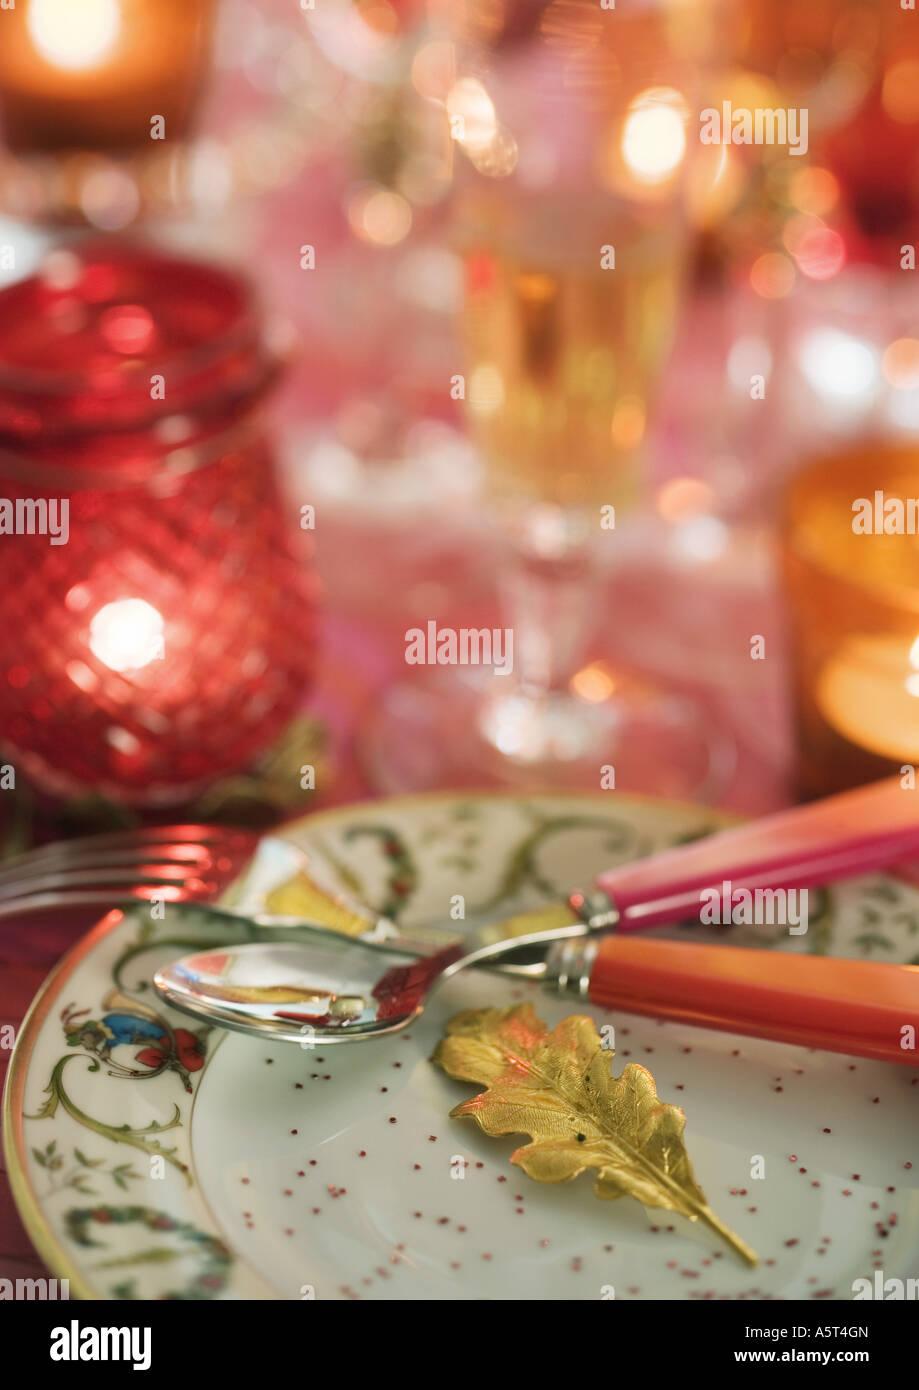 Gedeckten Tisch mit Maßgedecke Stockbild